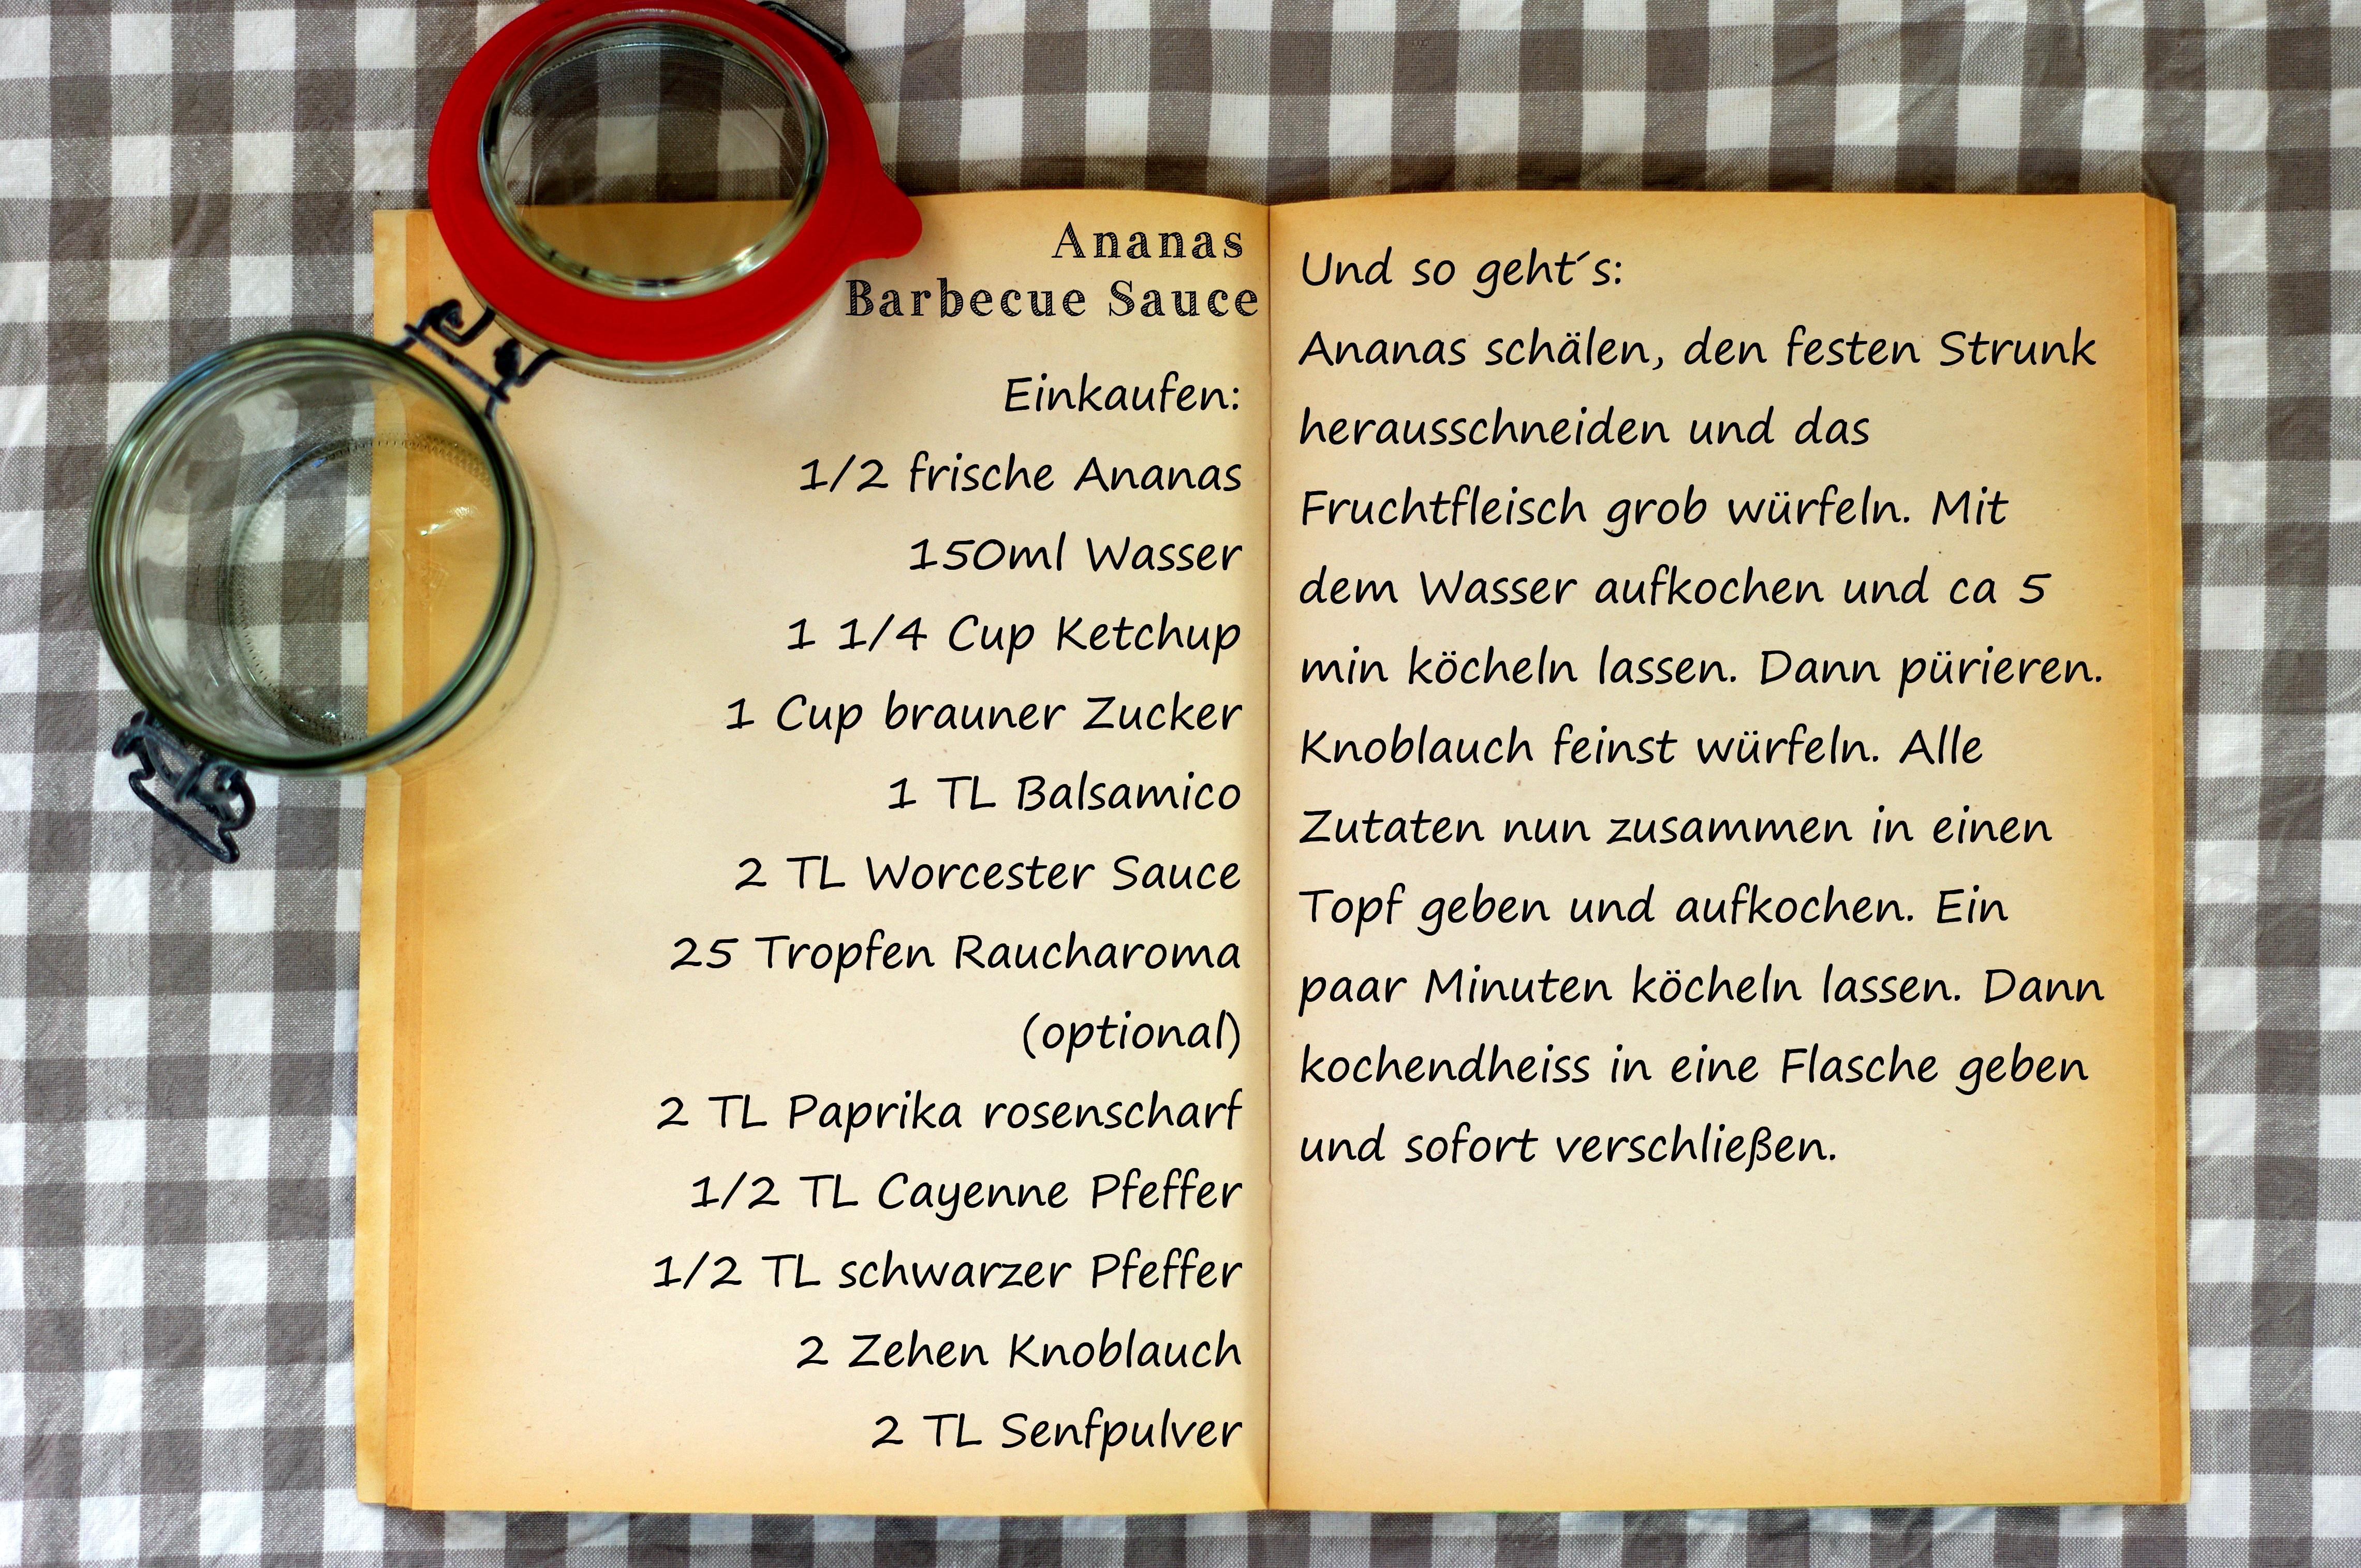 Einkaufszettel Ananas BBQ Sauce by Glasgeflüster